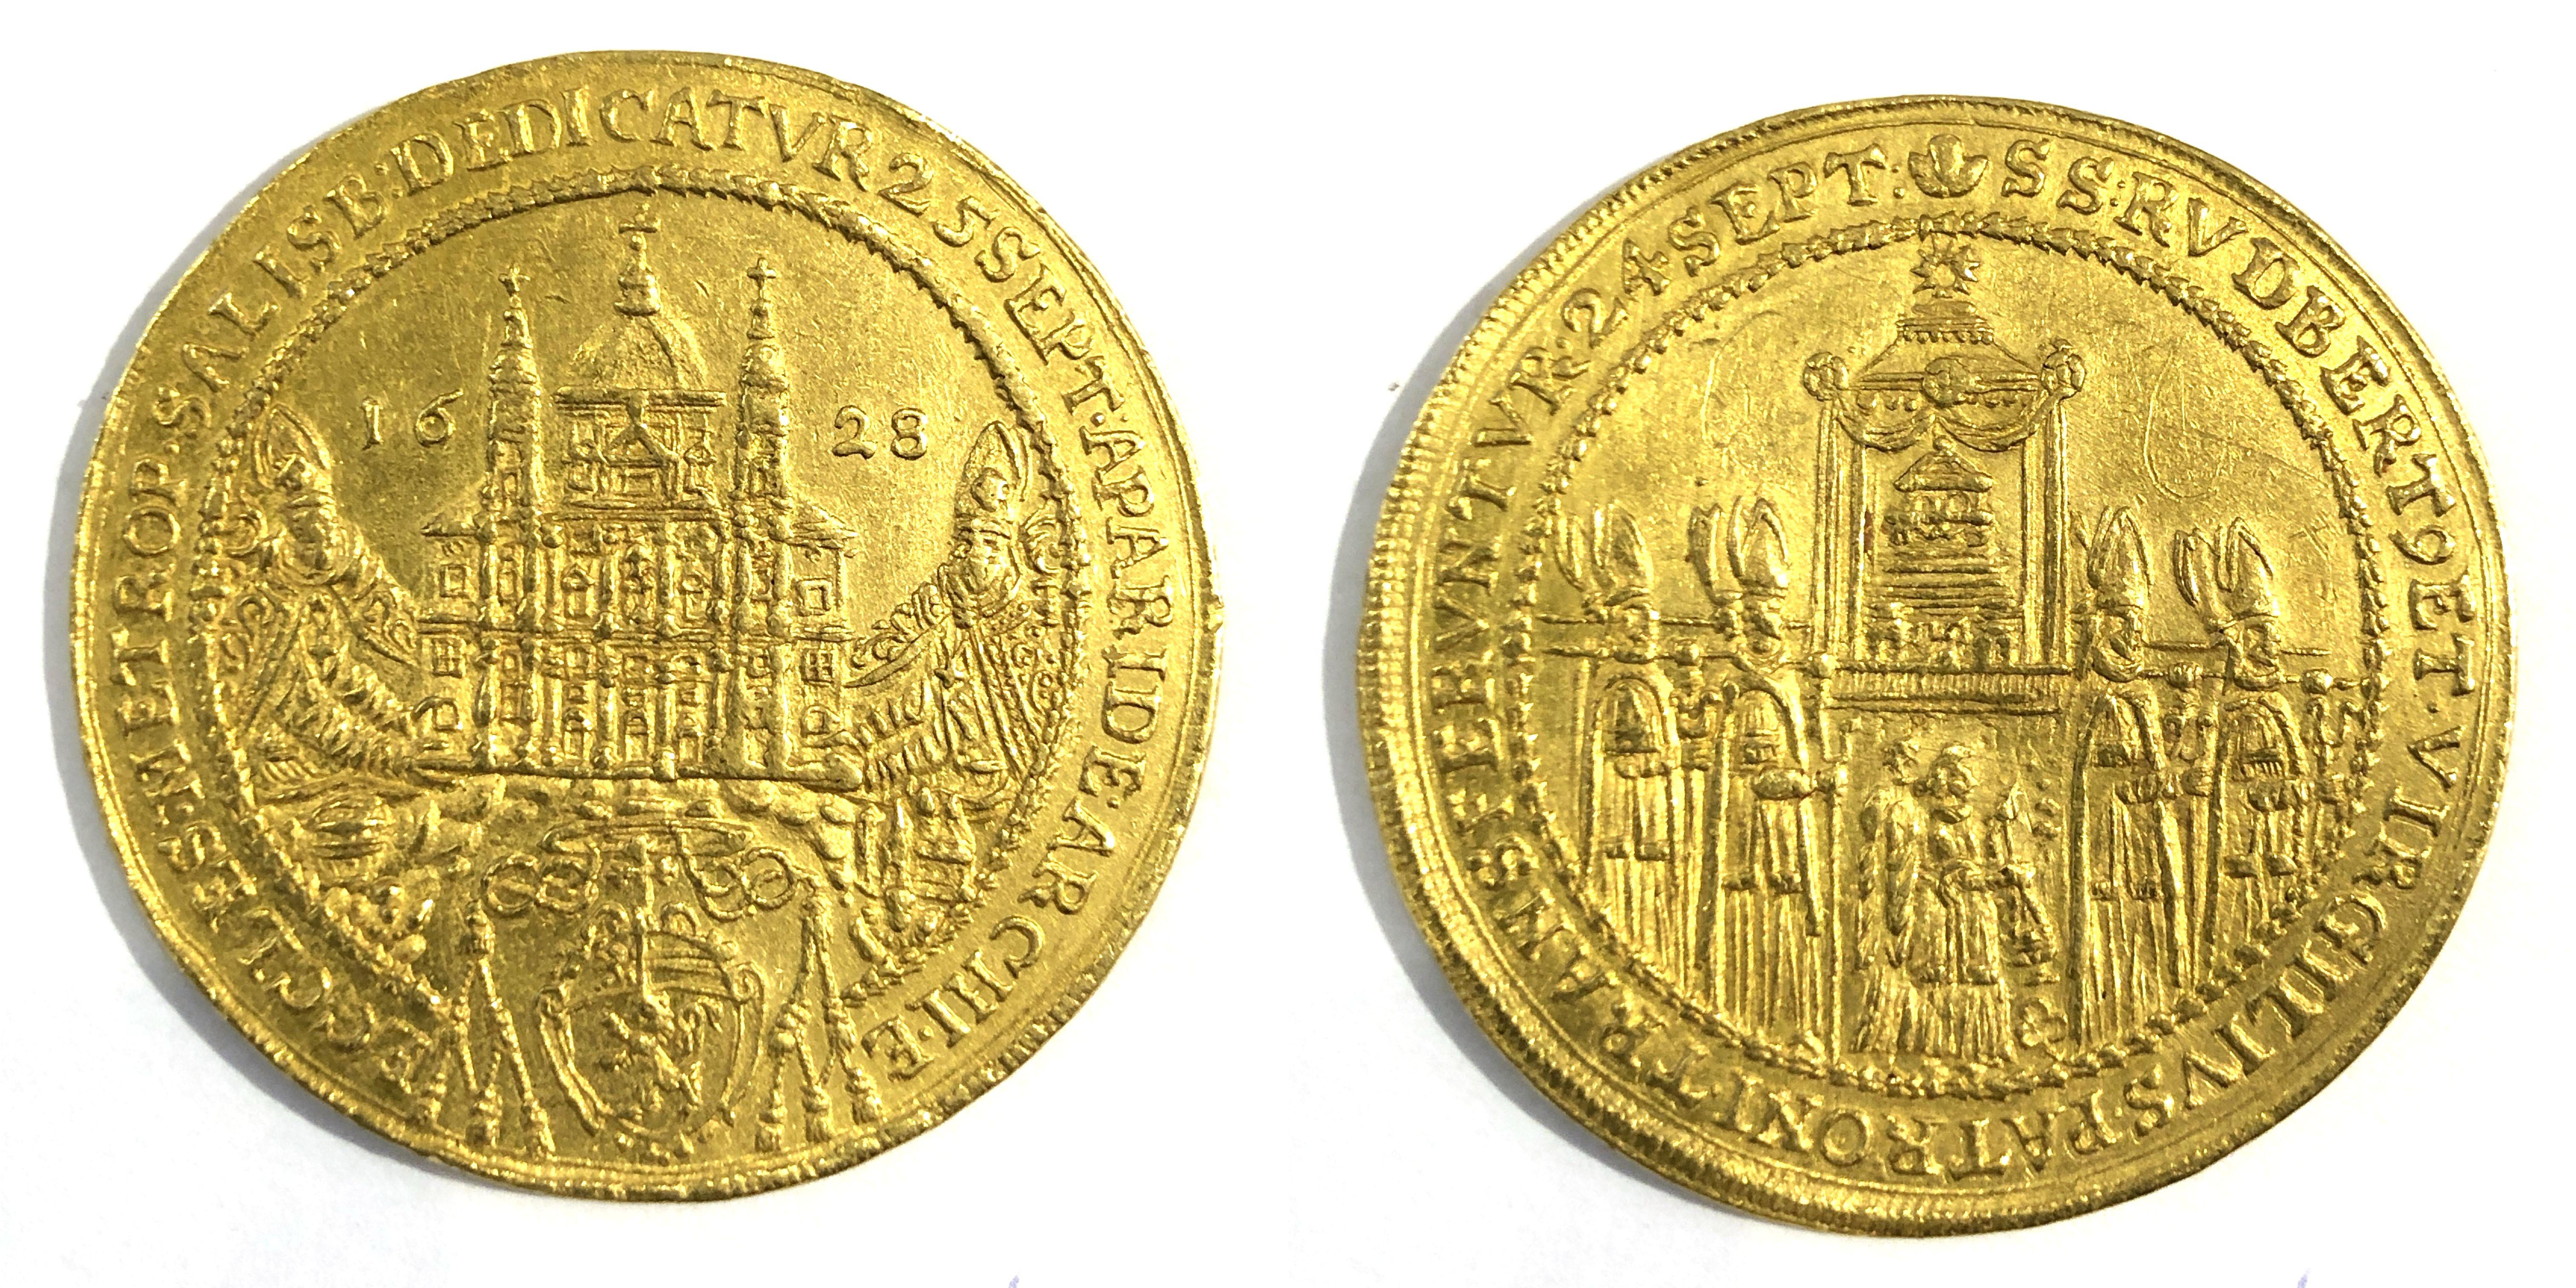 Sechsfacher Dukat auf die Domweihe 1628 mit Beizeichen Kleeblatt. Bild:Macho